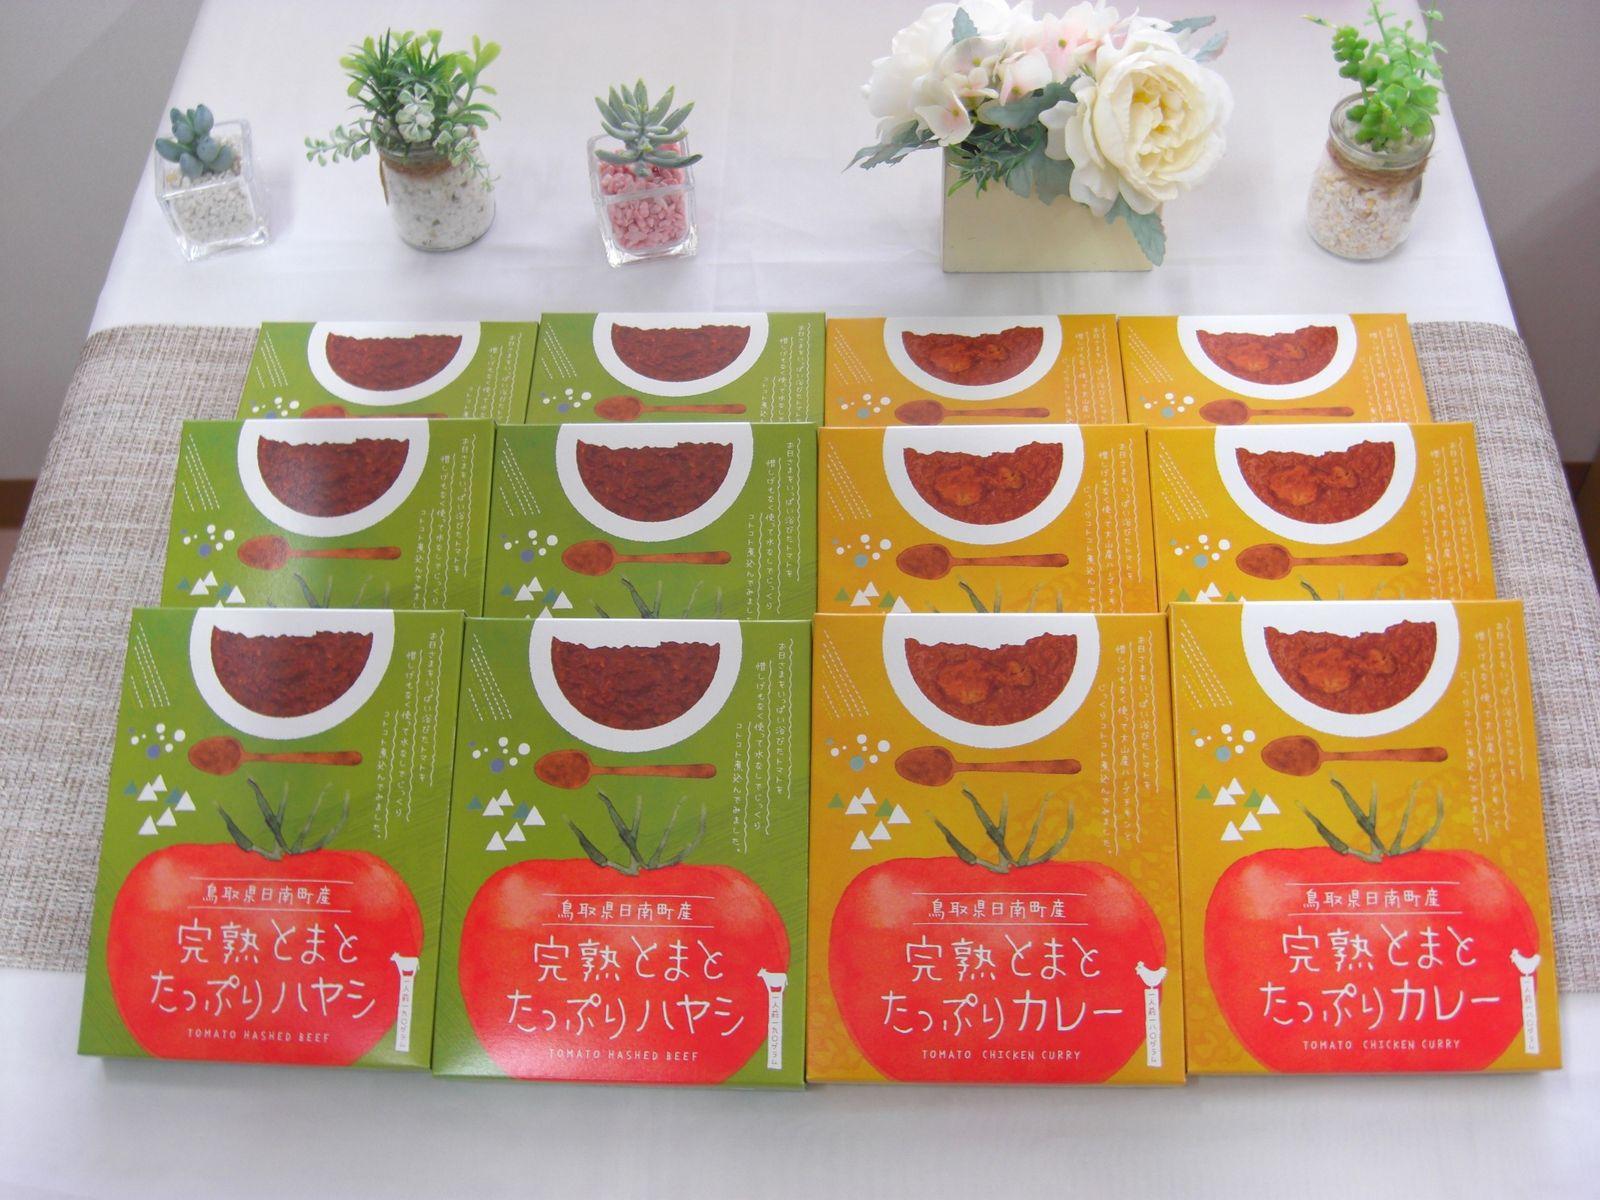 【ふるさと納税】 星降る里日南町のトマトのレトルト12個セット